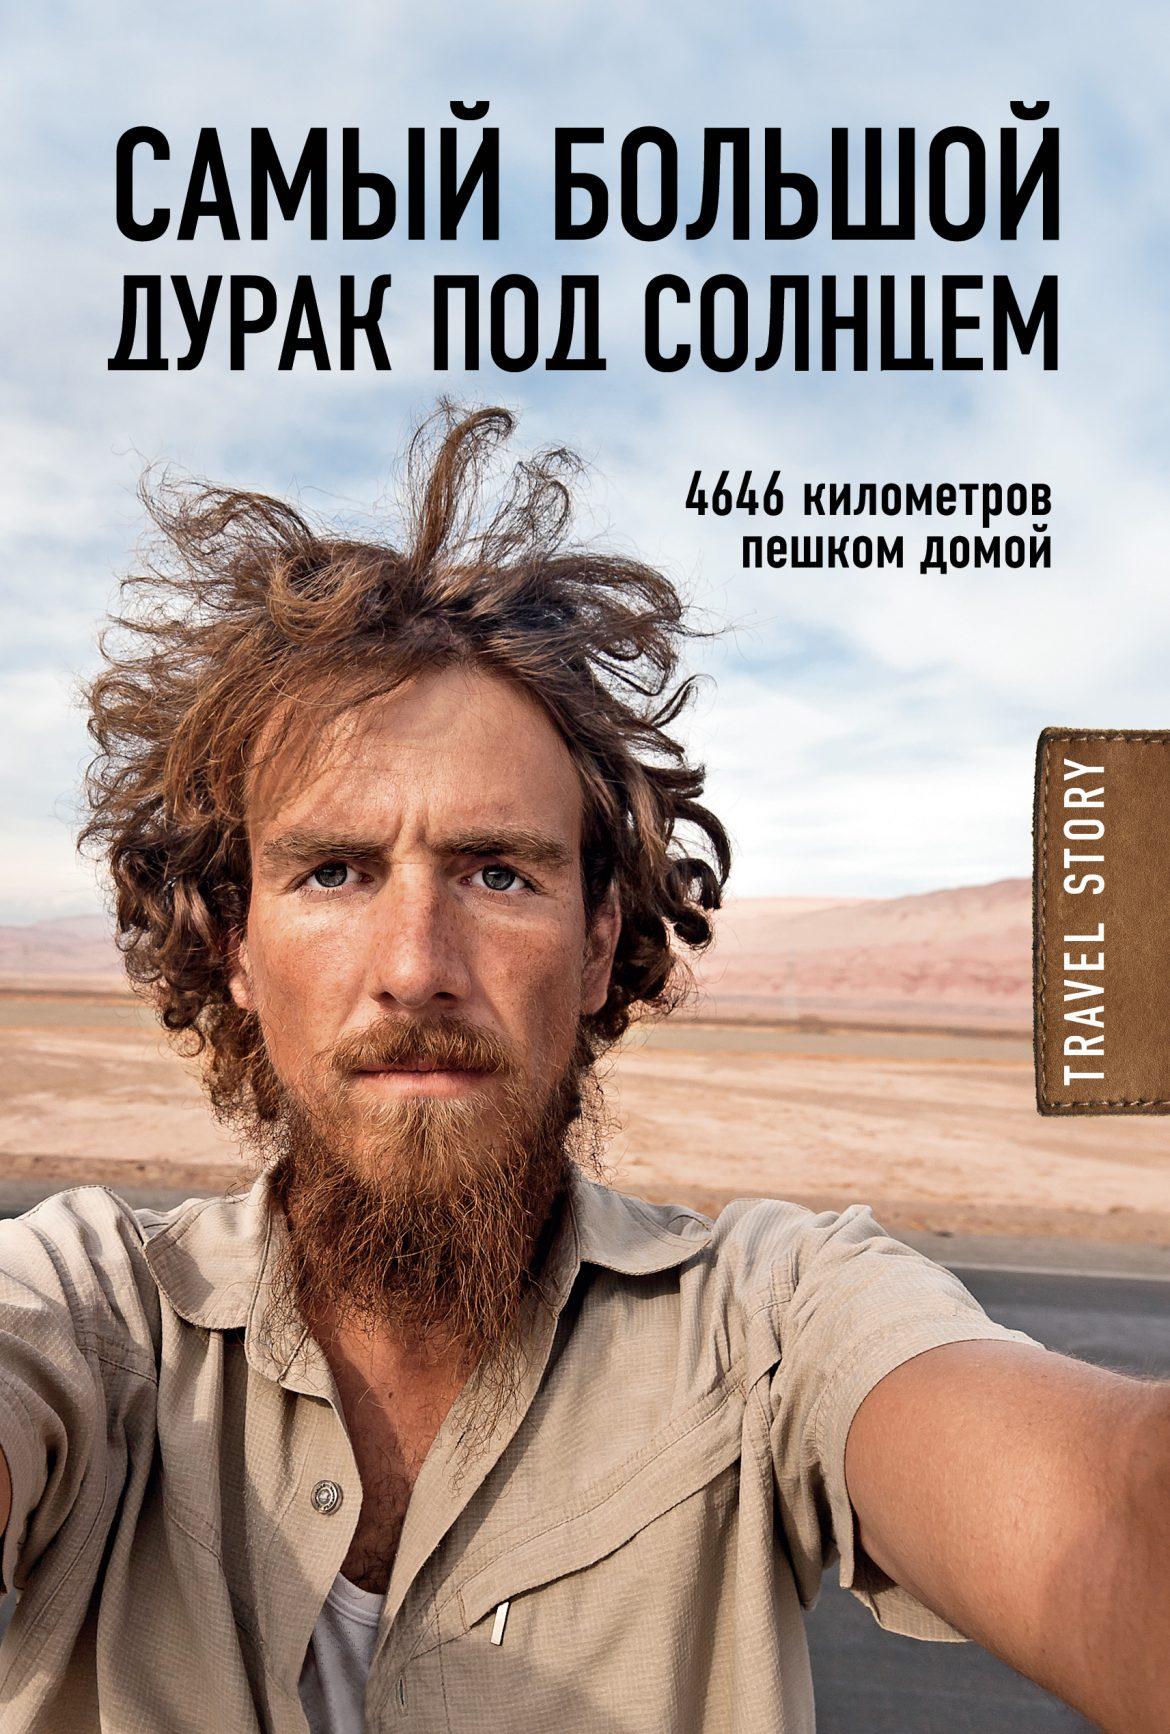 Самый большой дурак под солнцем. 4646 километров пешком домой — Кристоф Рехаге